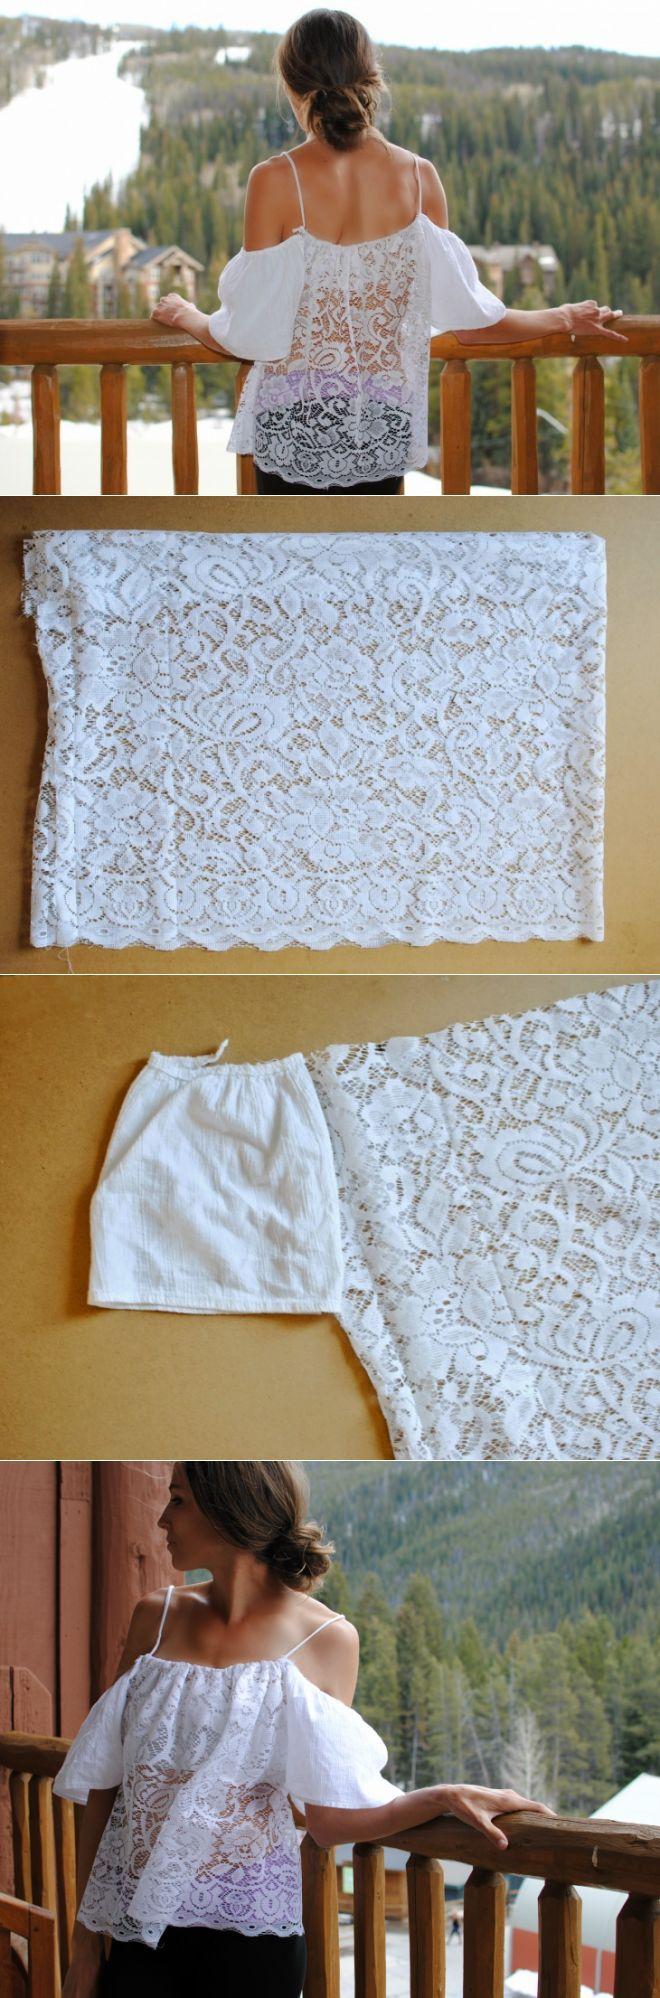 Blusa reutilizando un trozo de blonda, ¡Qué curioso, yo me he hecho una casi igual este verano!